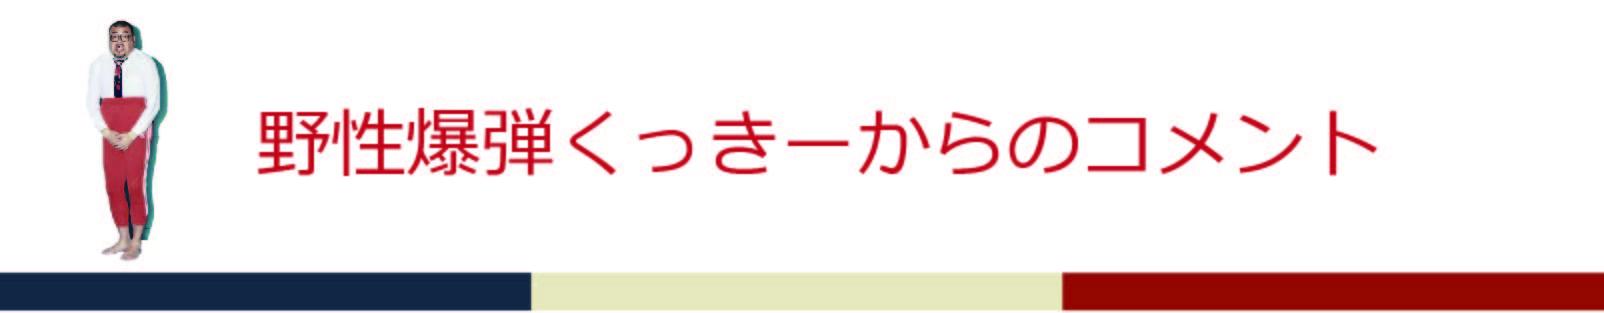 /data/project/311/バナーくっきーからのコメント.jpg?1516536443